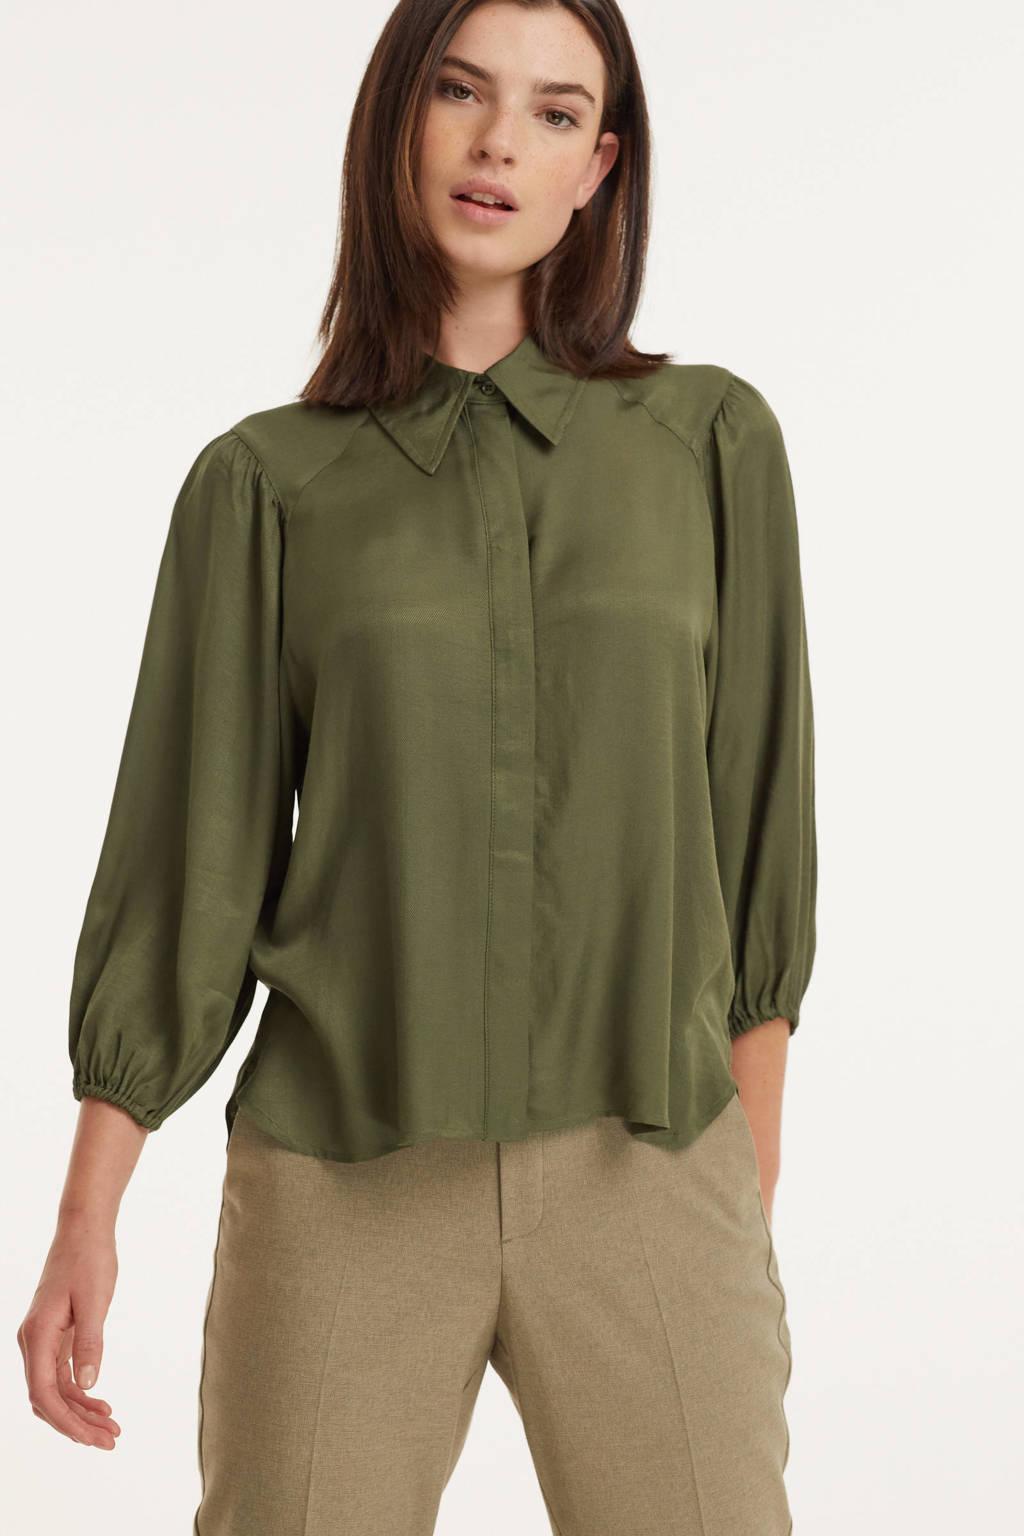 ICHI blouse IHCOLORADA groen, Groen